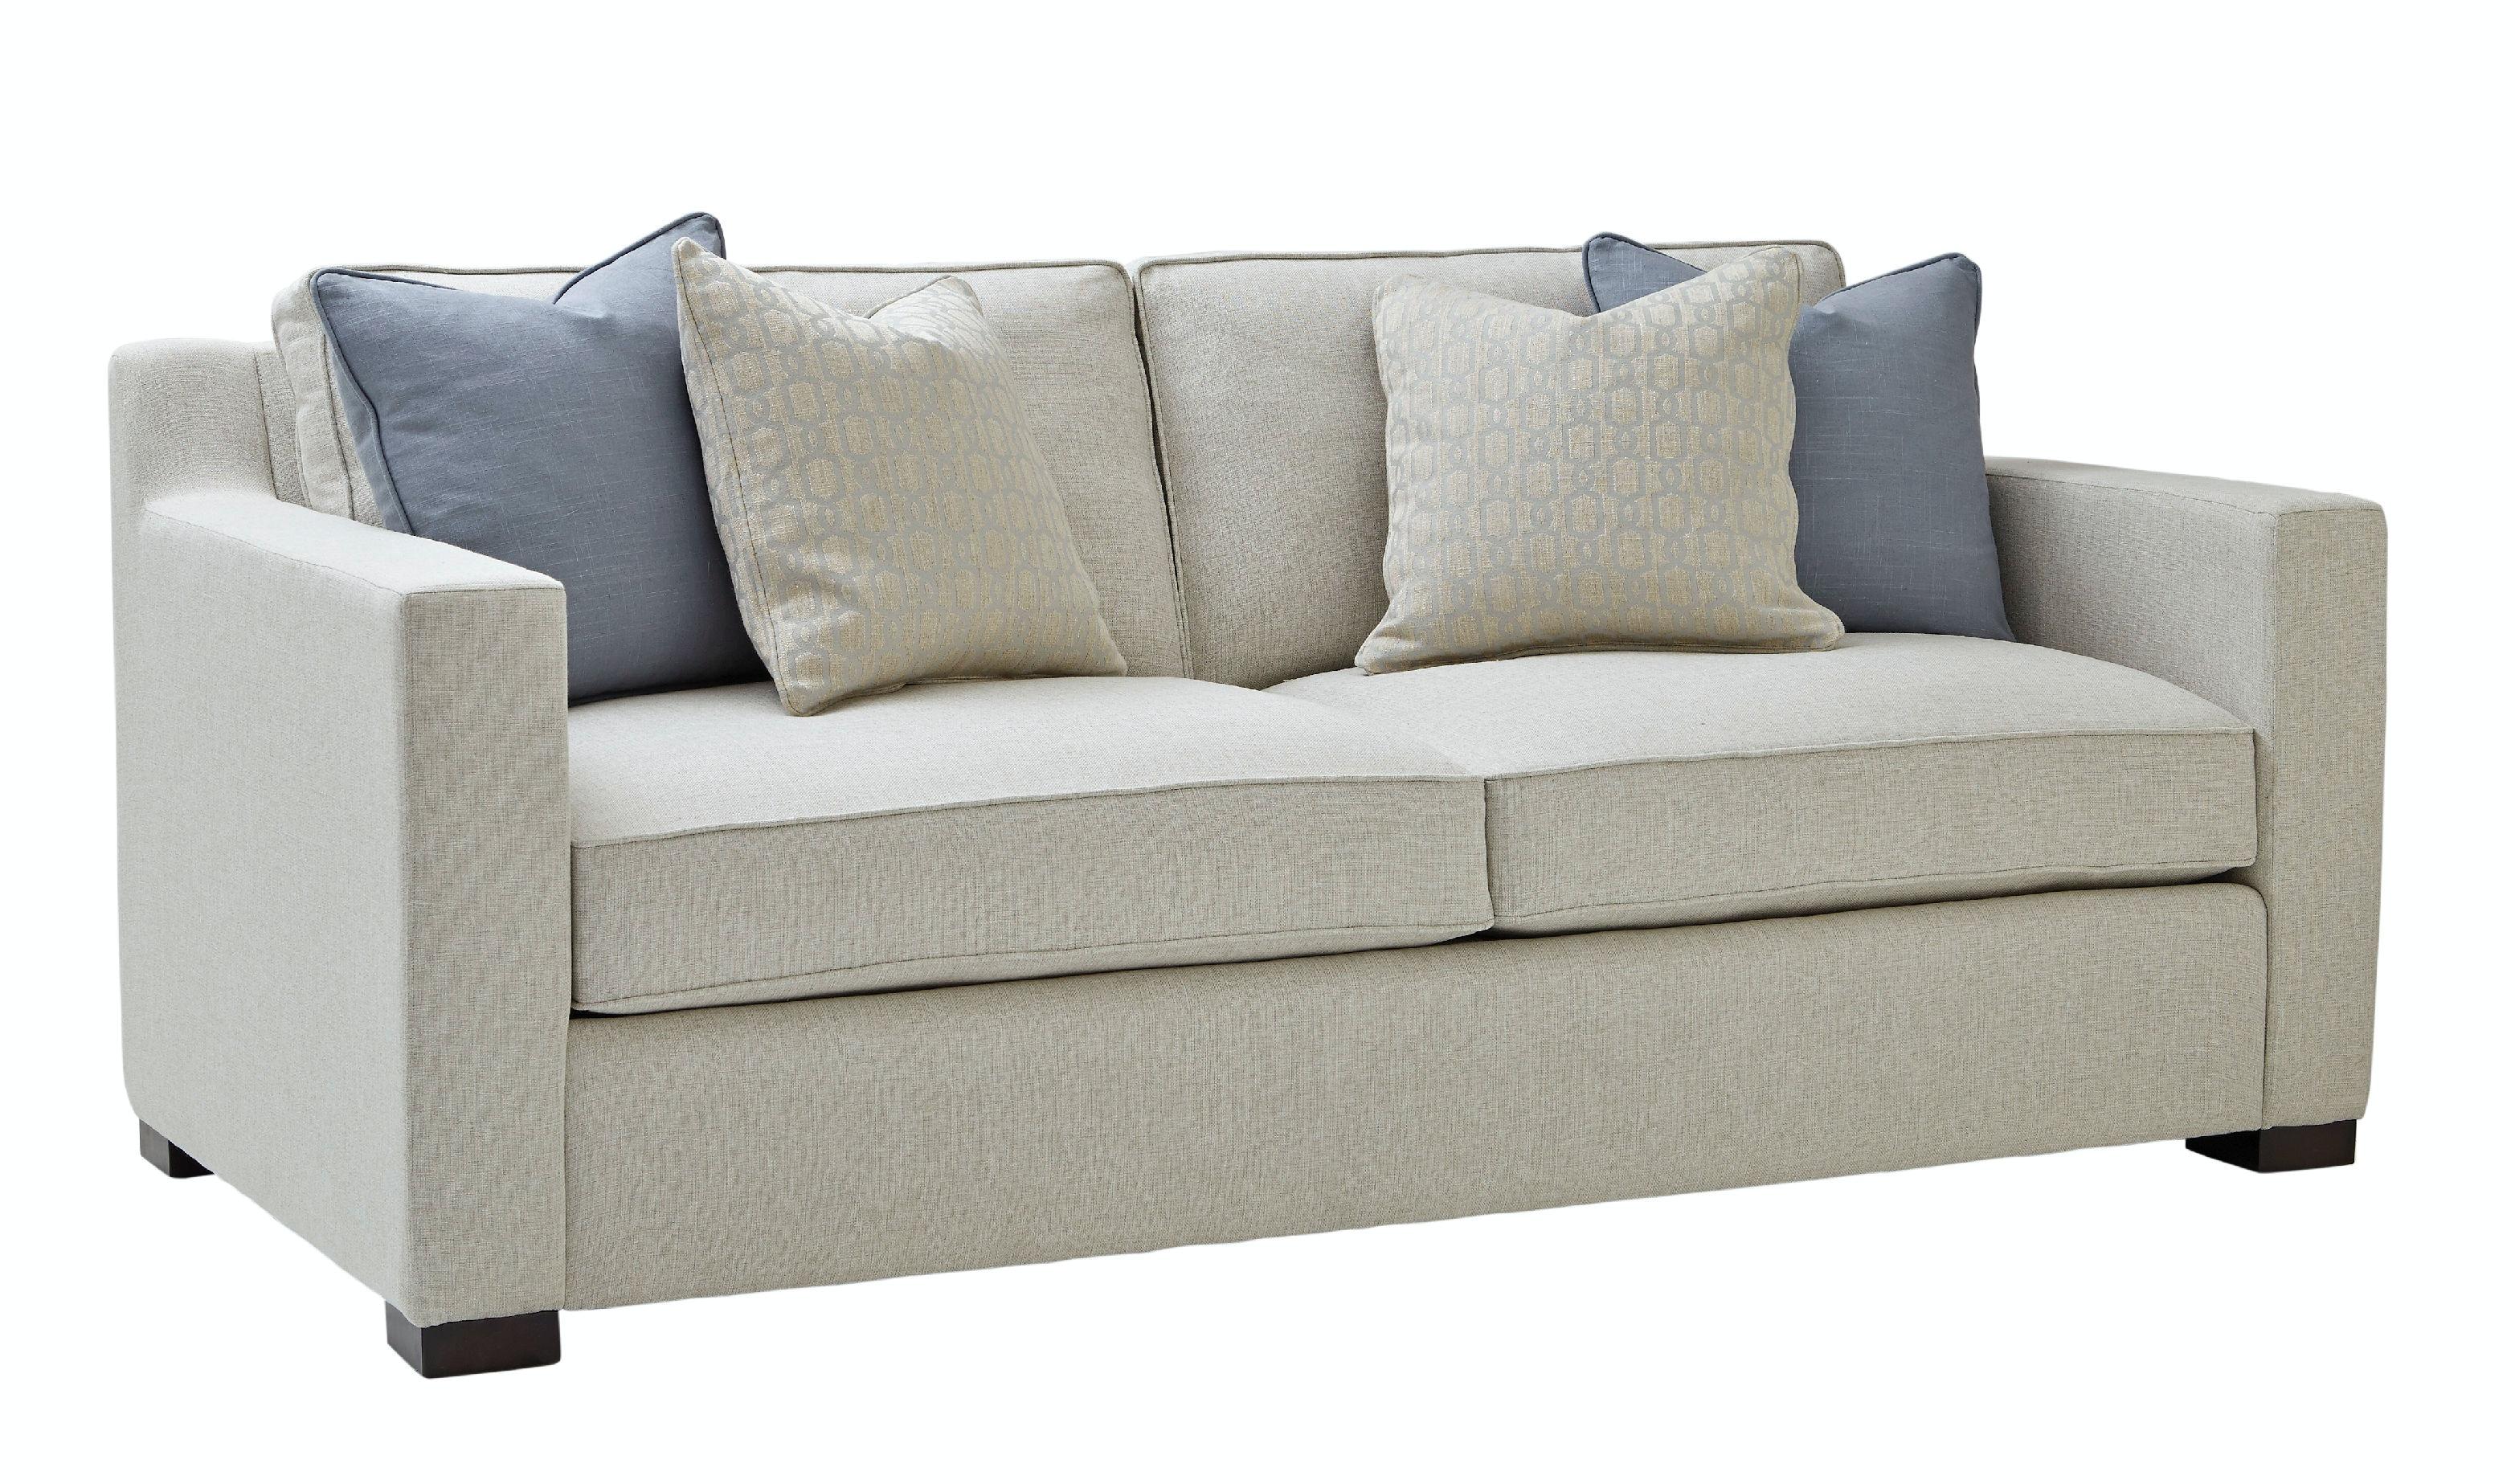 Palmer Loft Sofa 5750-010